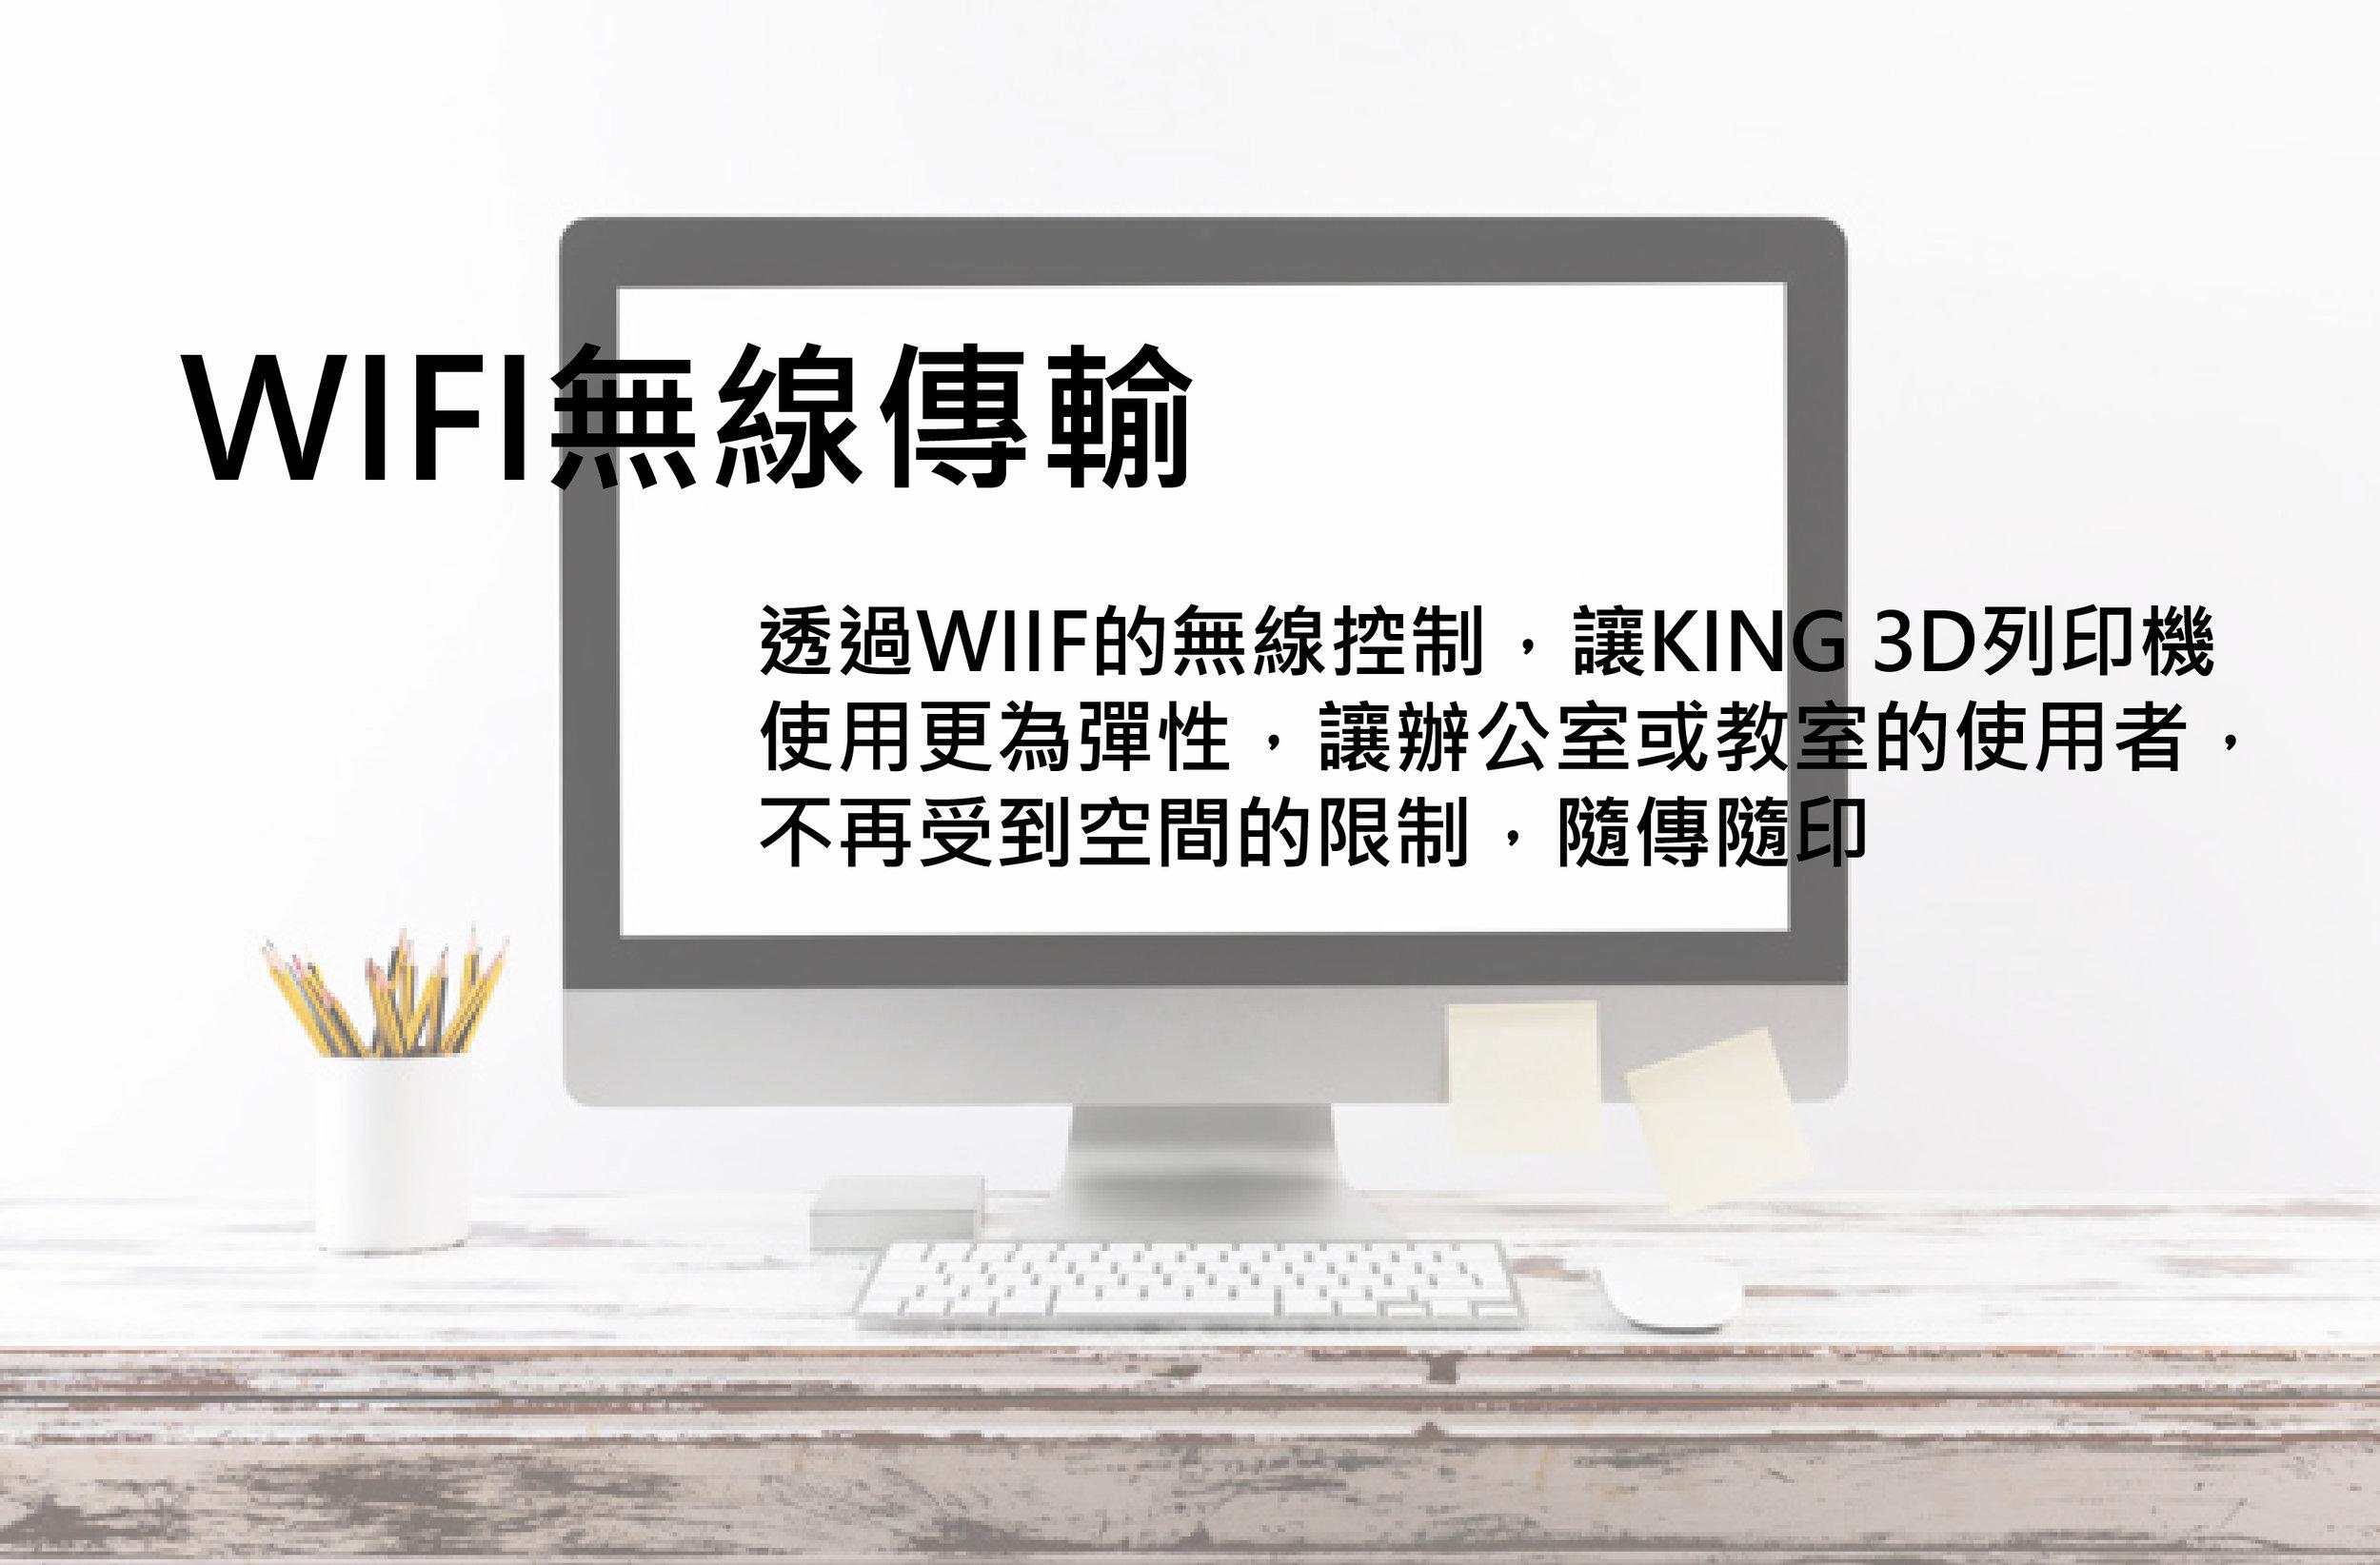 kingssel3030+wifi.jpg